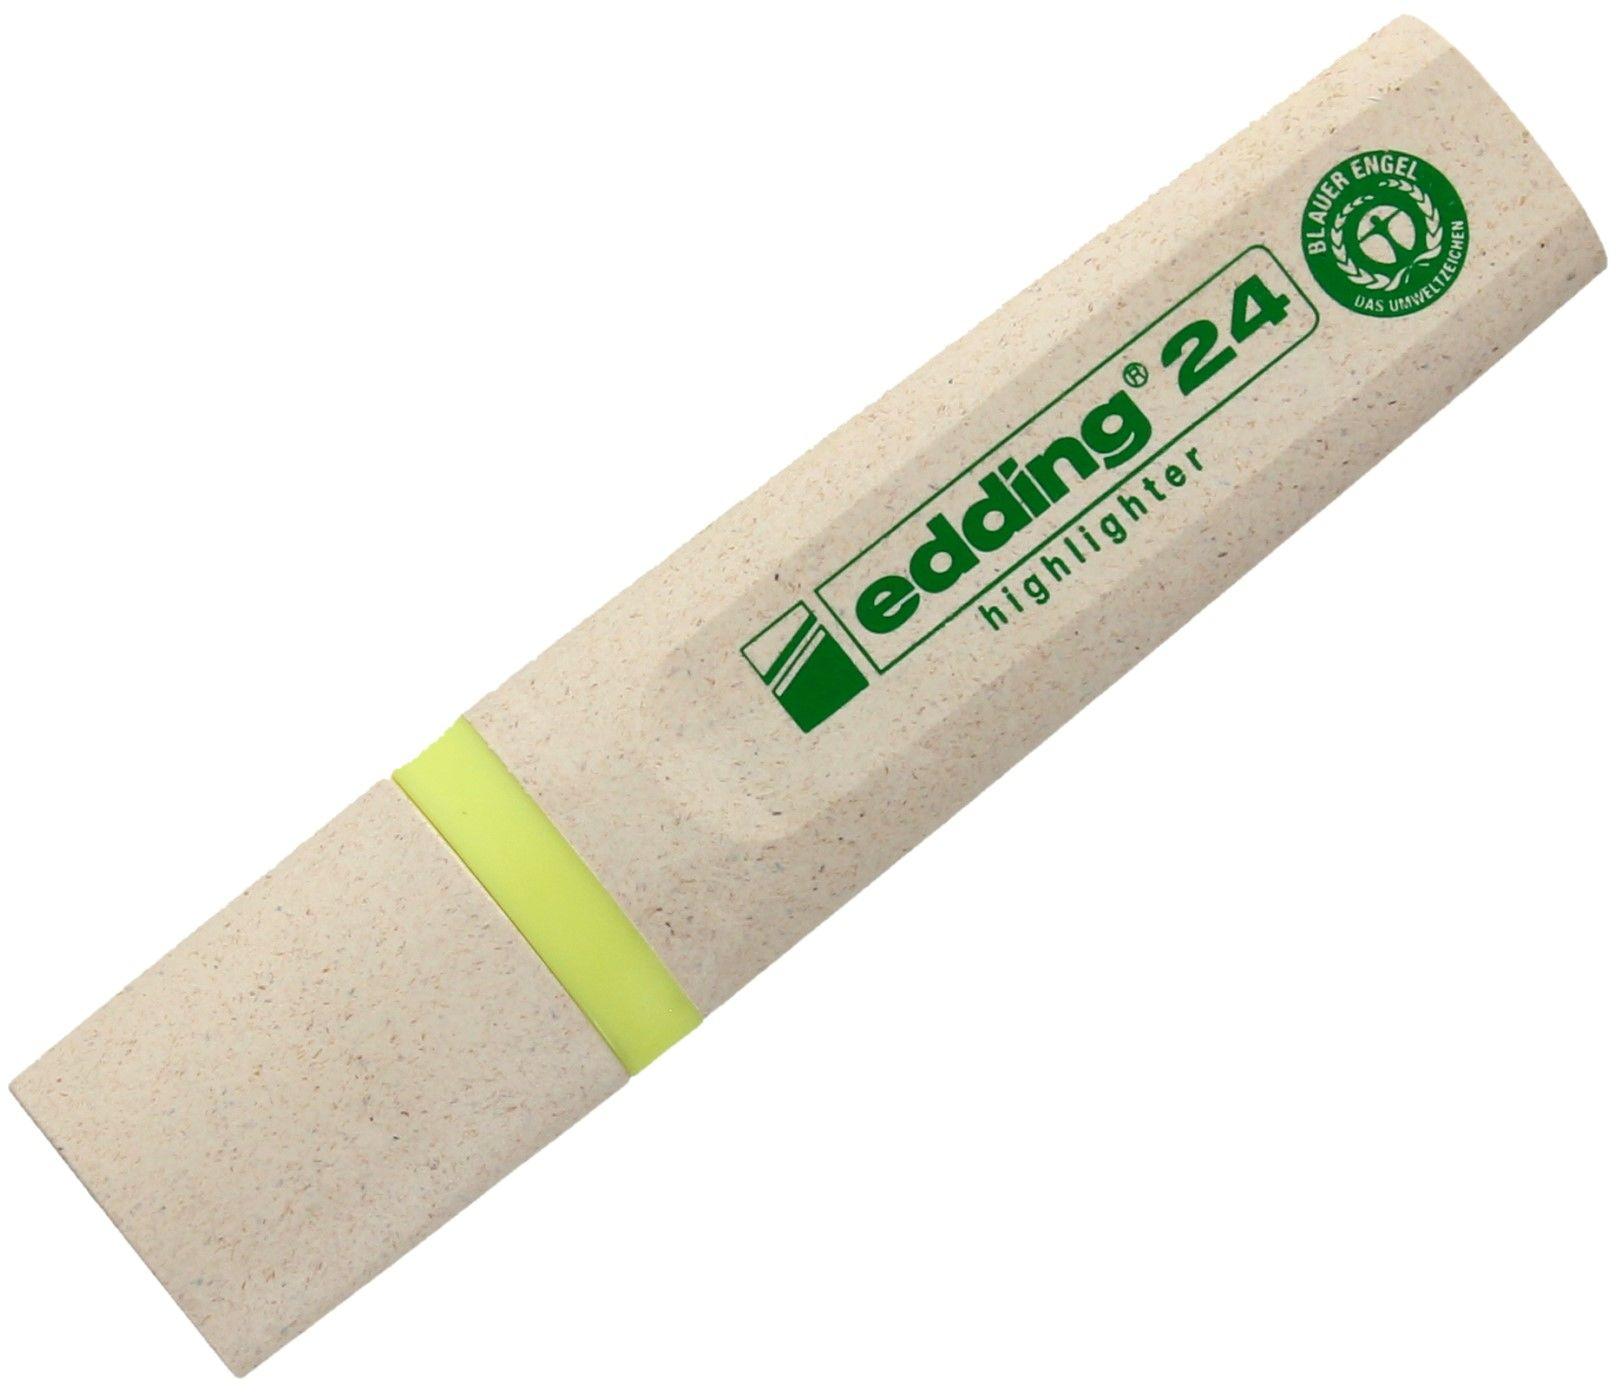 Zakreślacz żółty Edding 24 EcoLine